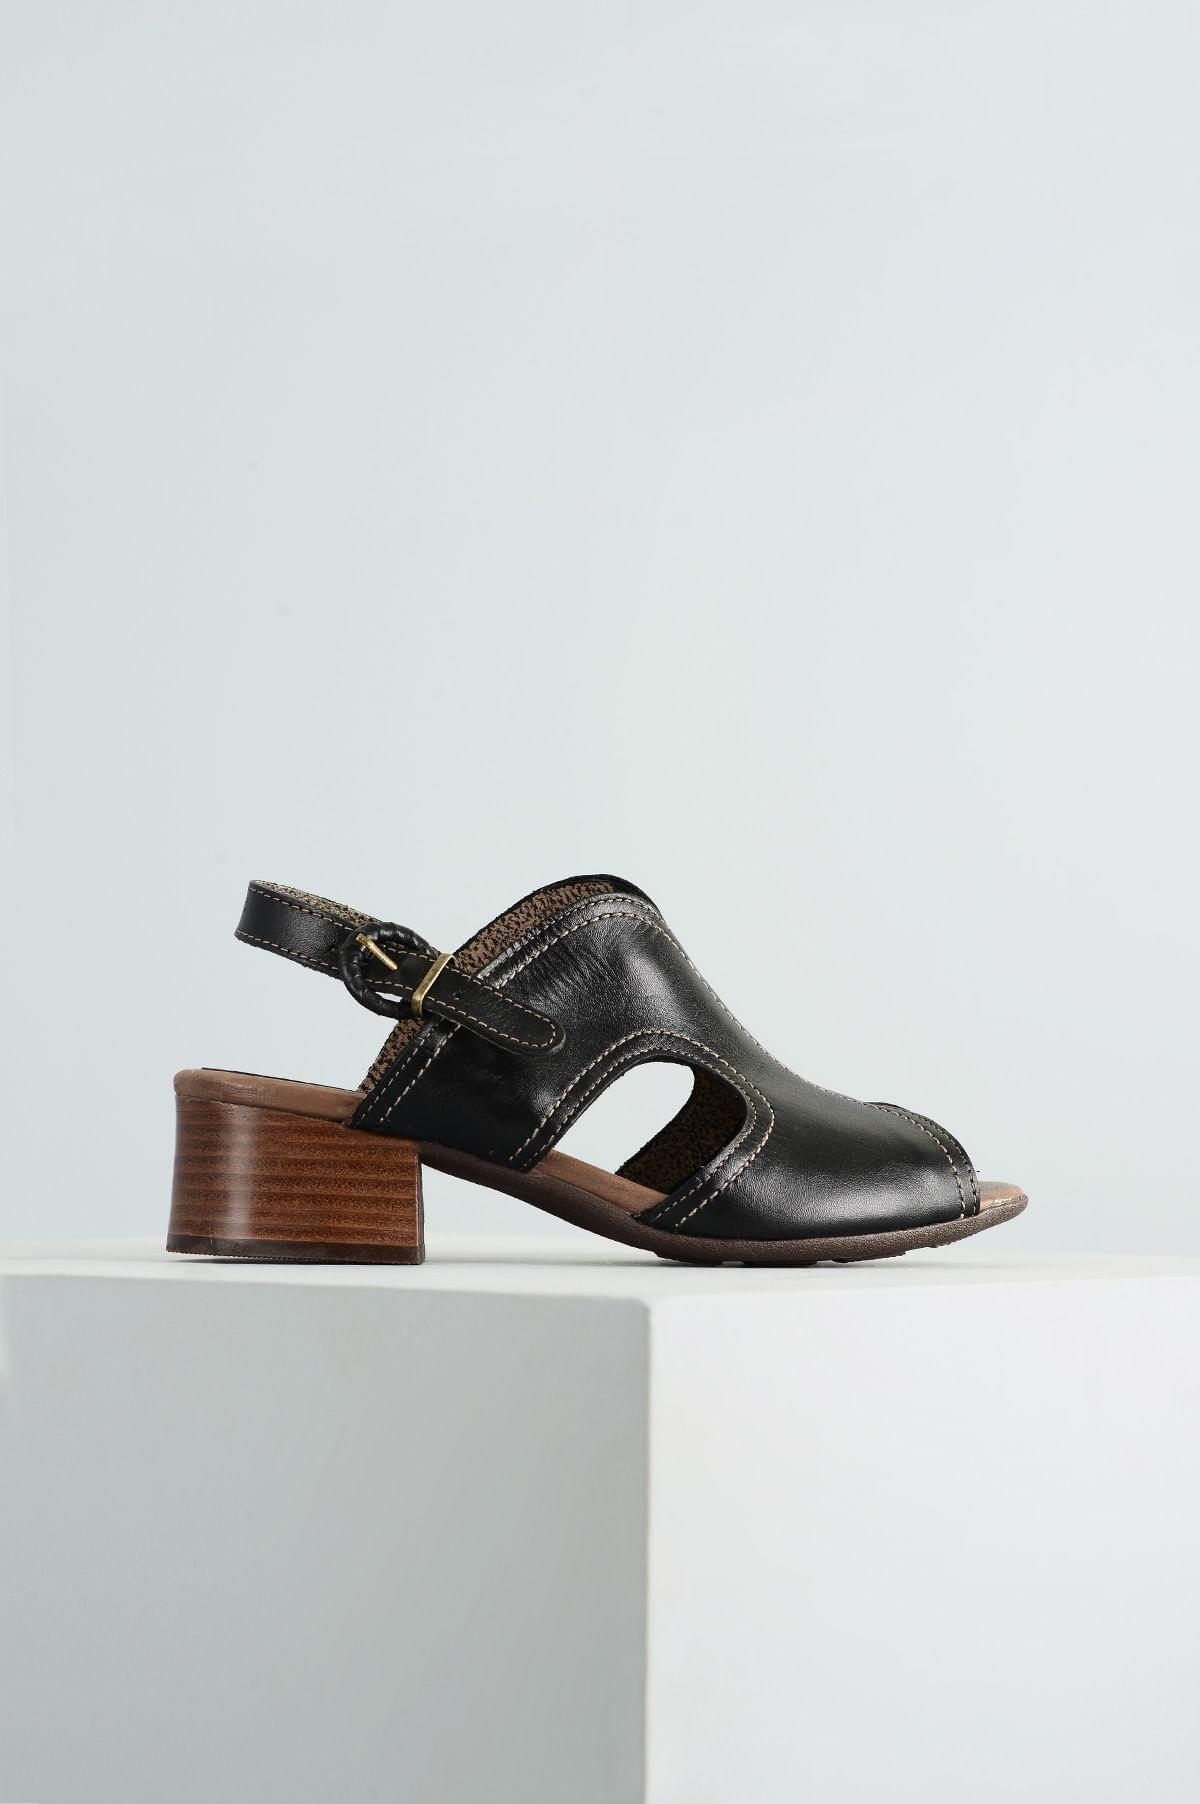 b4d476e56f Sandália Feminina Salto Médio Valie Mundial CR-PRETO - Mundial Calçados